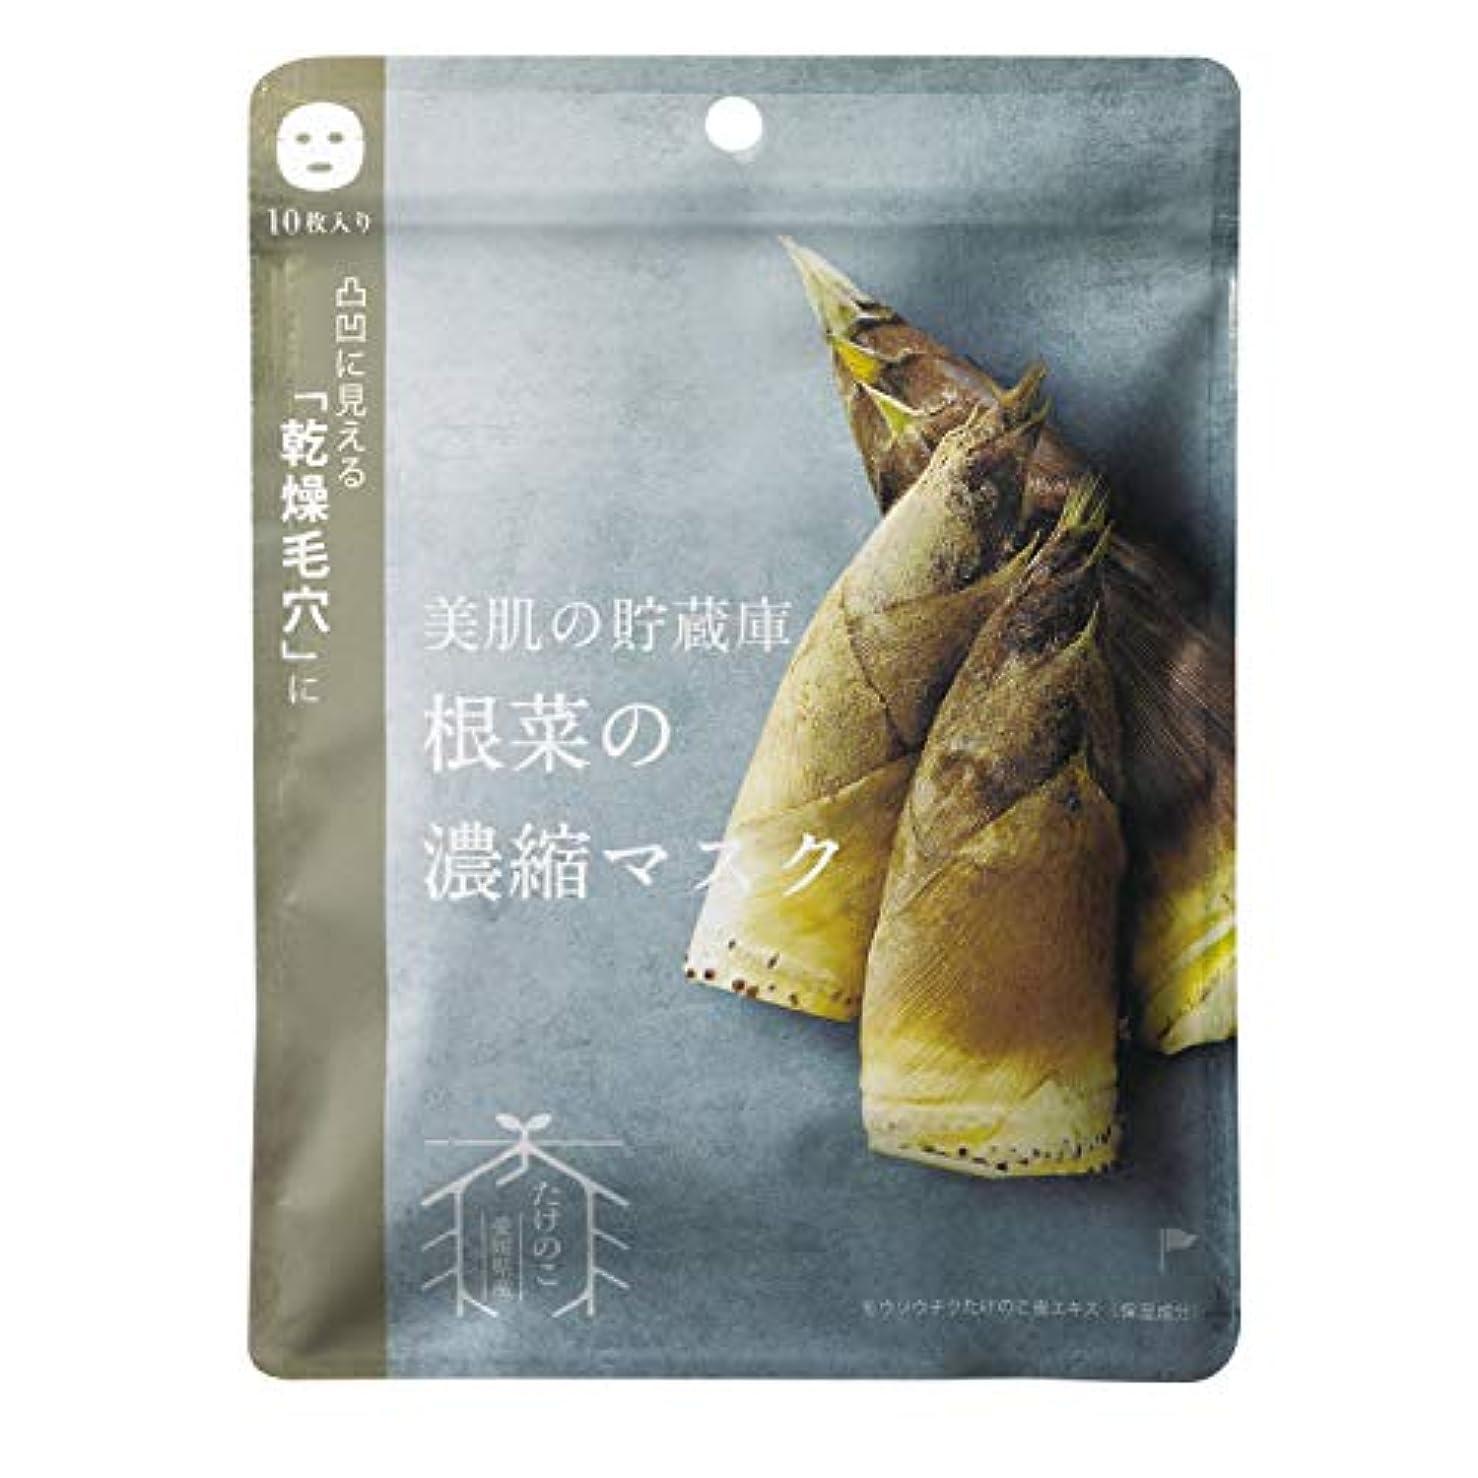 エッセンス困った増幅器@cosme nippon 美肌の貯蔵庫 根菜の濃縮マスク 孟宗竹たけのこ 10枚 160ml